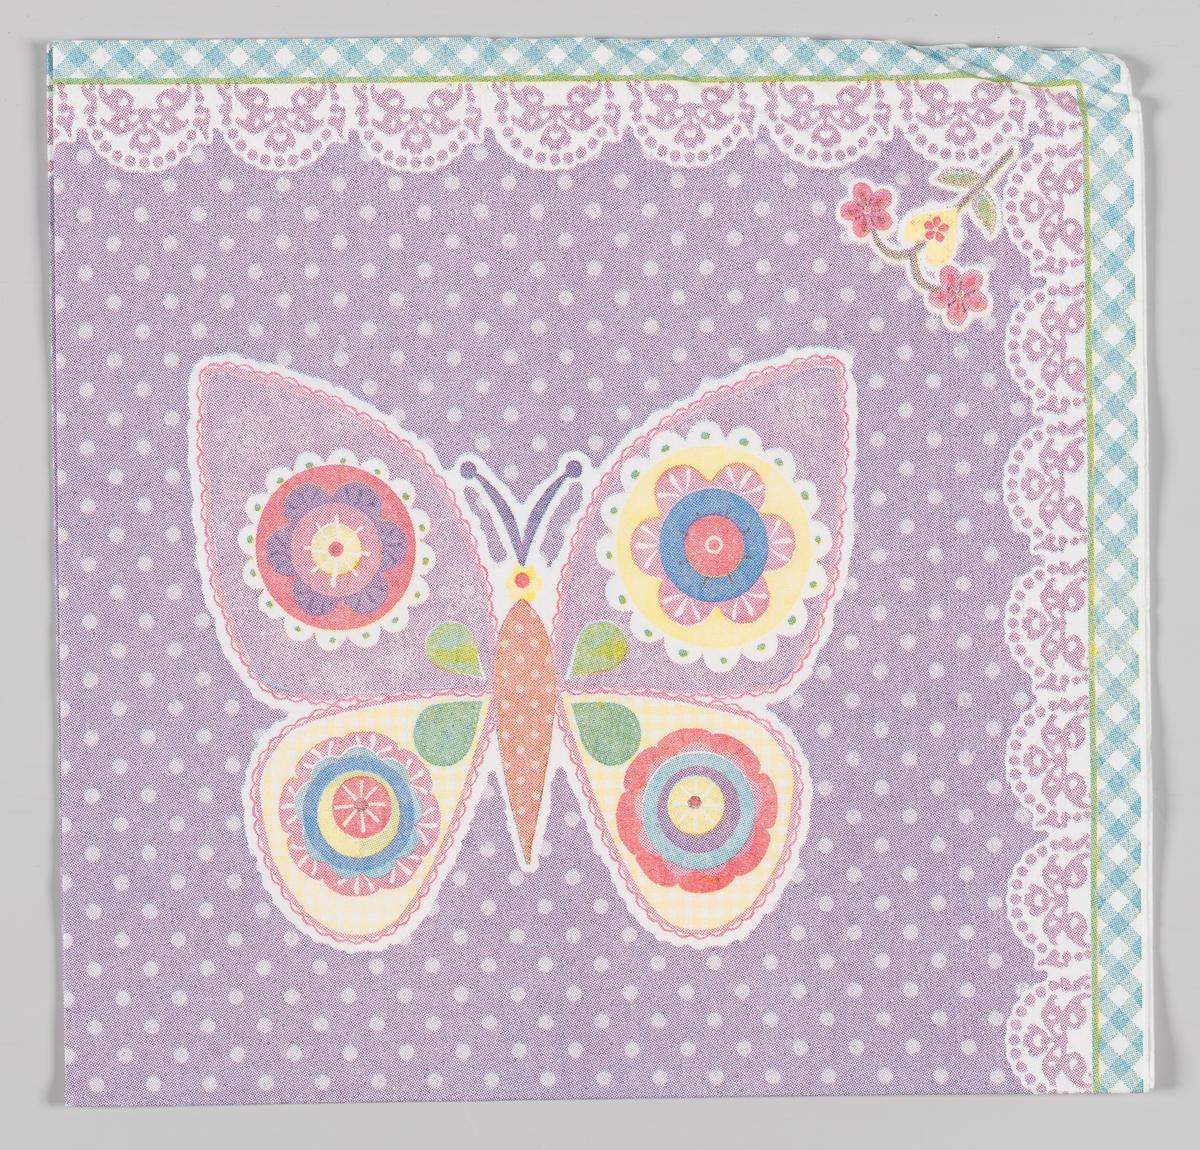 En sommerfulg og en liten blomst  Samme motiv på serviett MIA.00007-003-0129